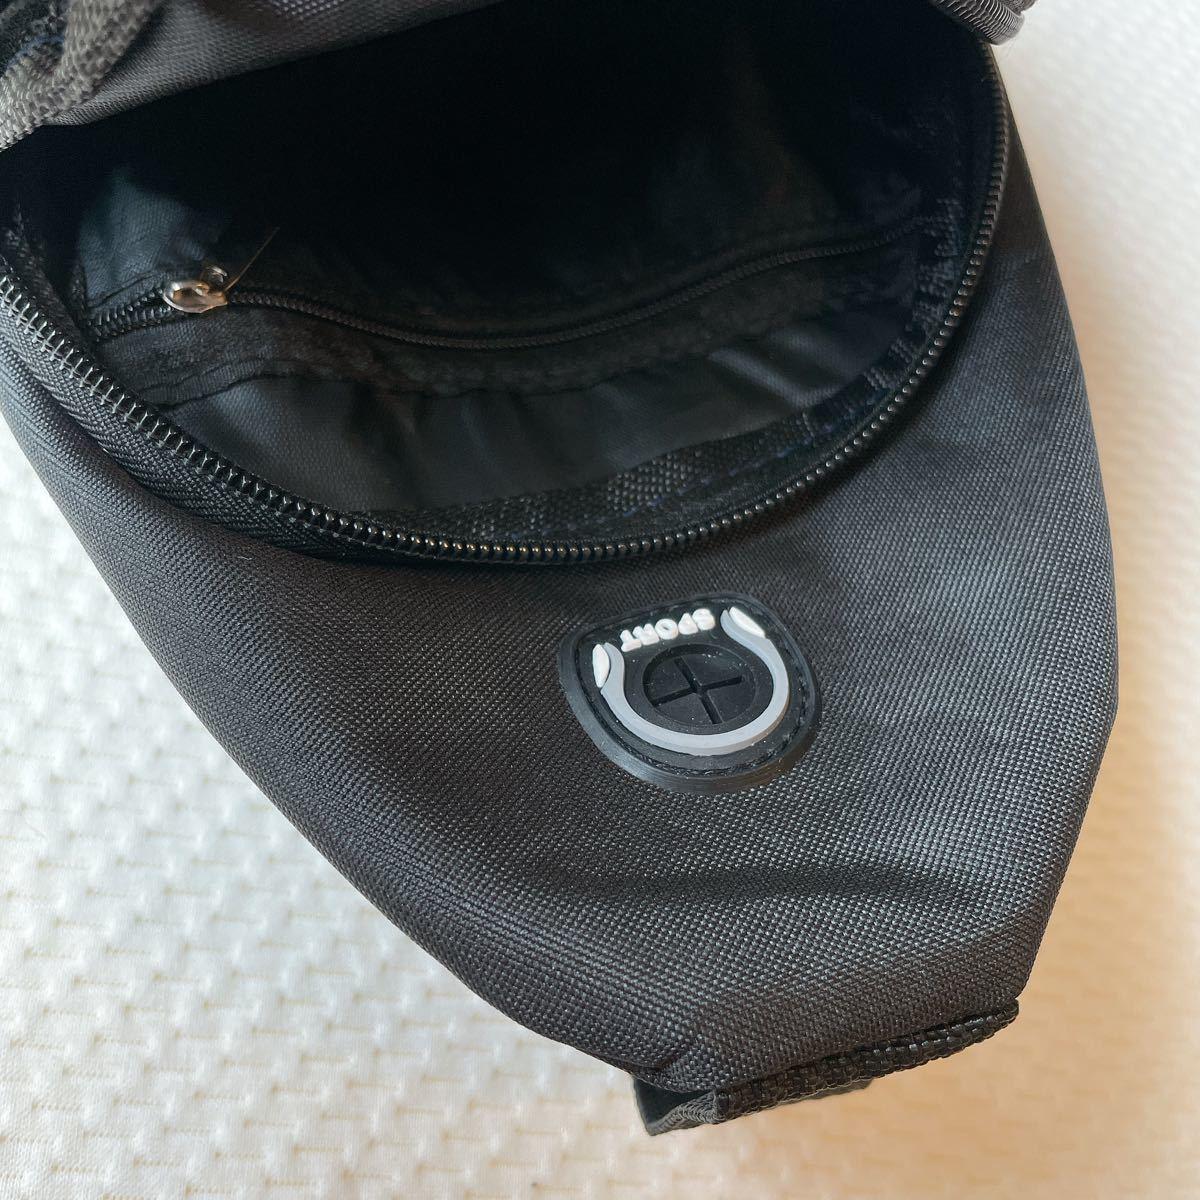 メンズ ウエストバッグ ボディバッグ ウエストポーチ メッセンジャーバッグ ワンショルダーバッグ 斜め掛け ボディーバッグ 黒